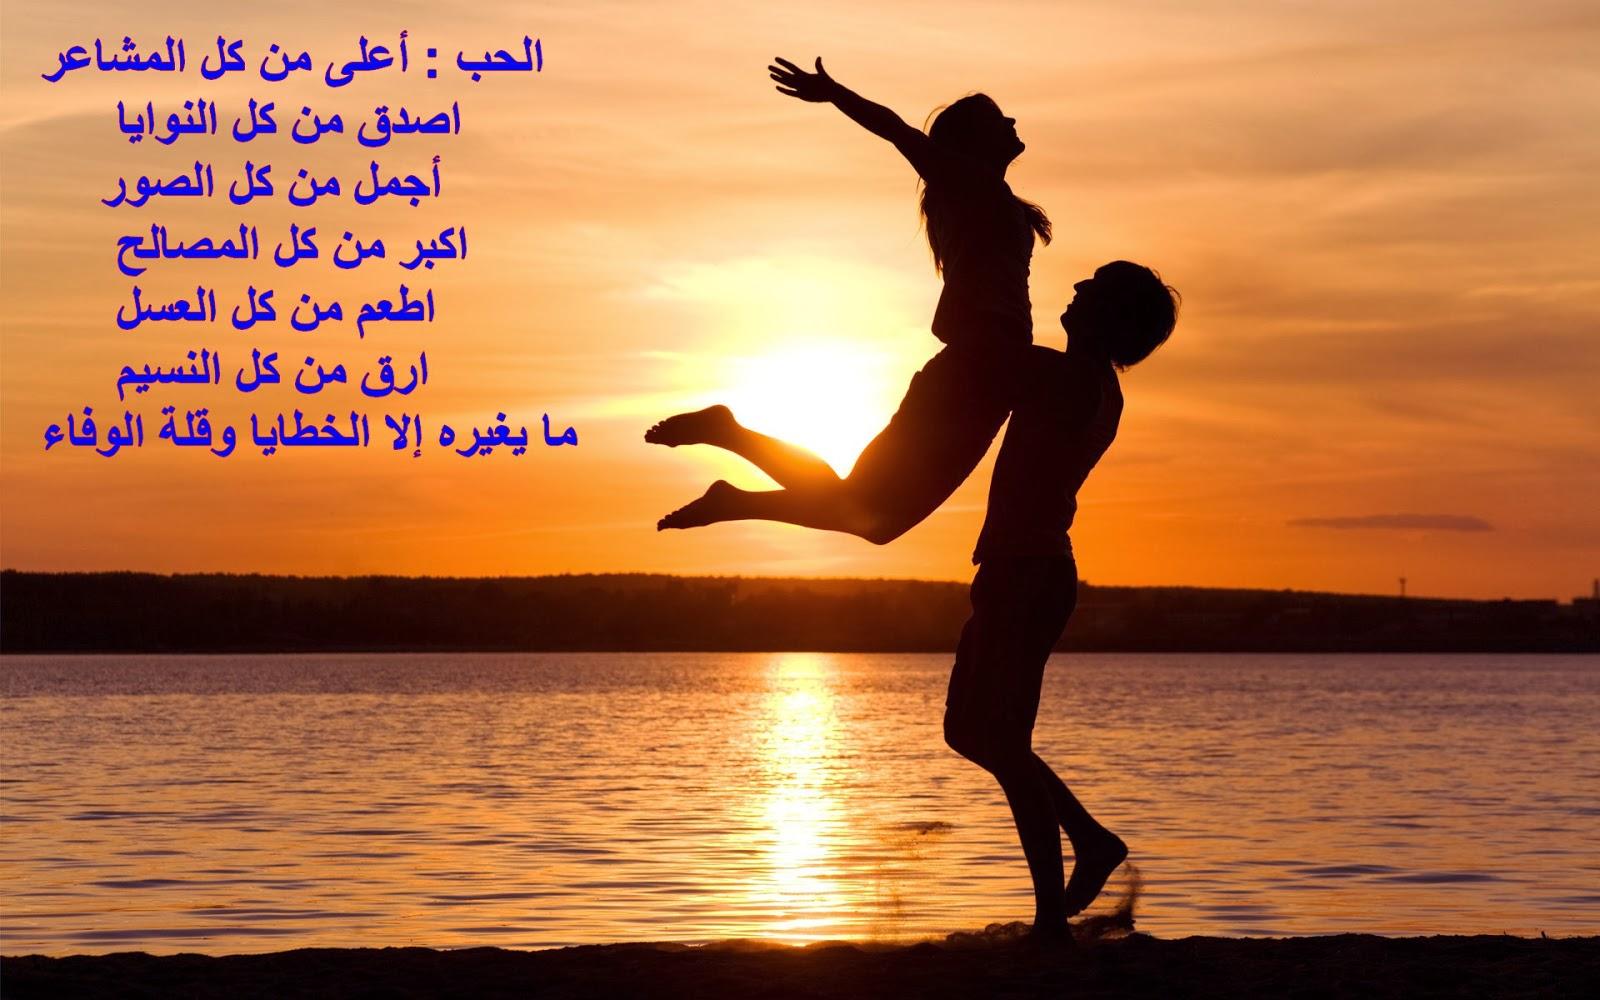 بالصور صور كلام حب , صور رومانسية جدا 3677 7